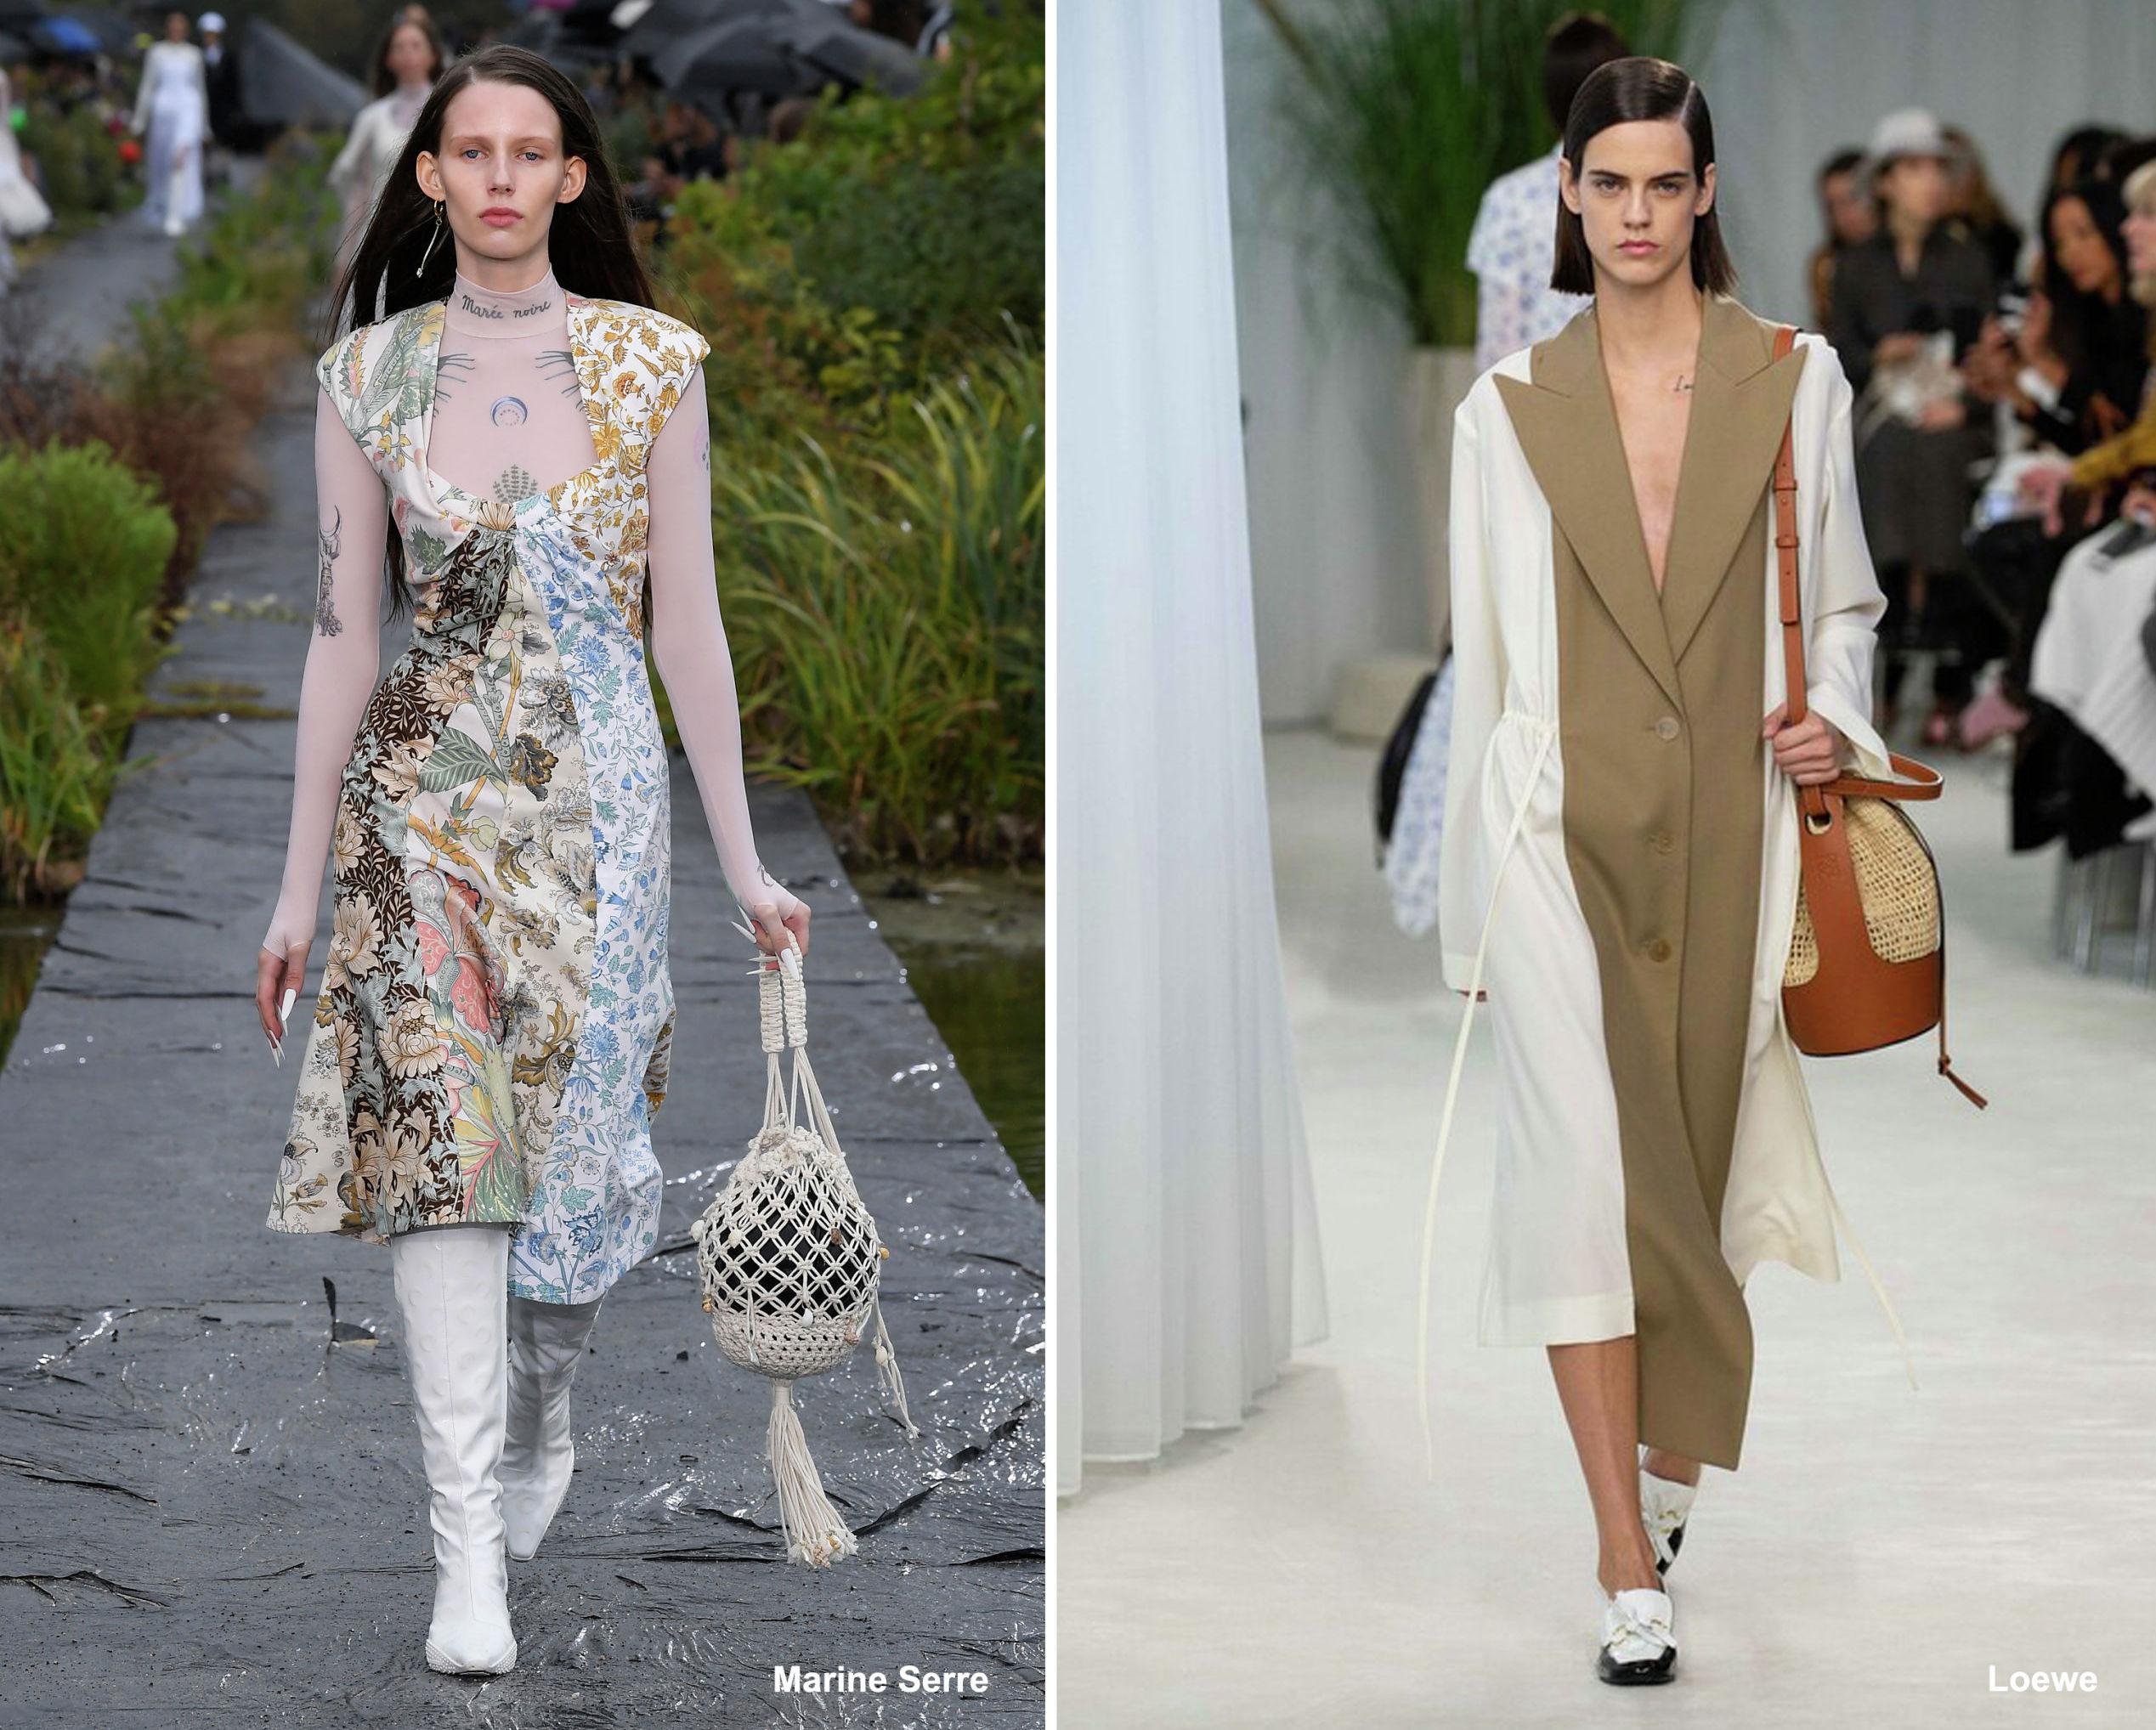 Плетеные сумки Marine Serre и Loewe, весна-лето – 2020